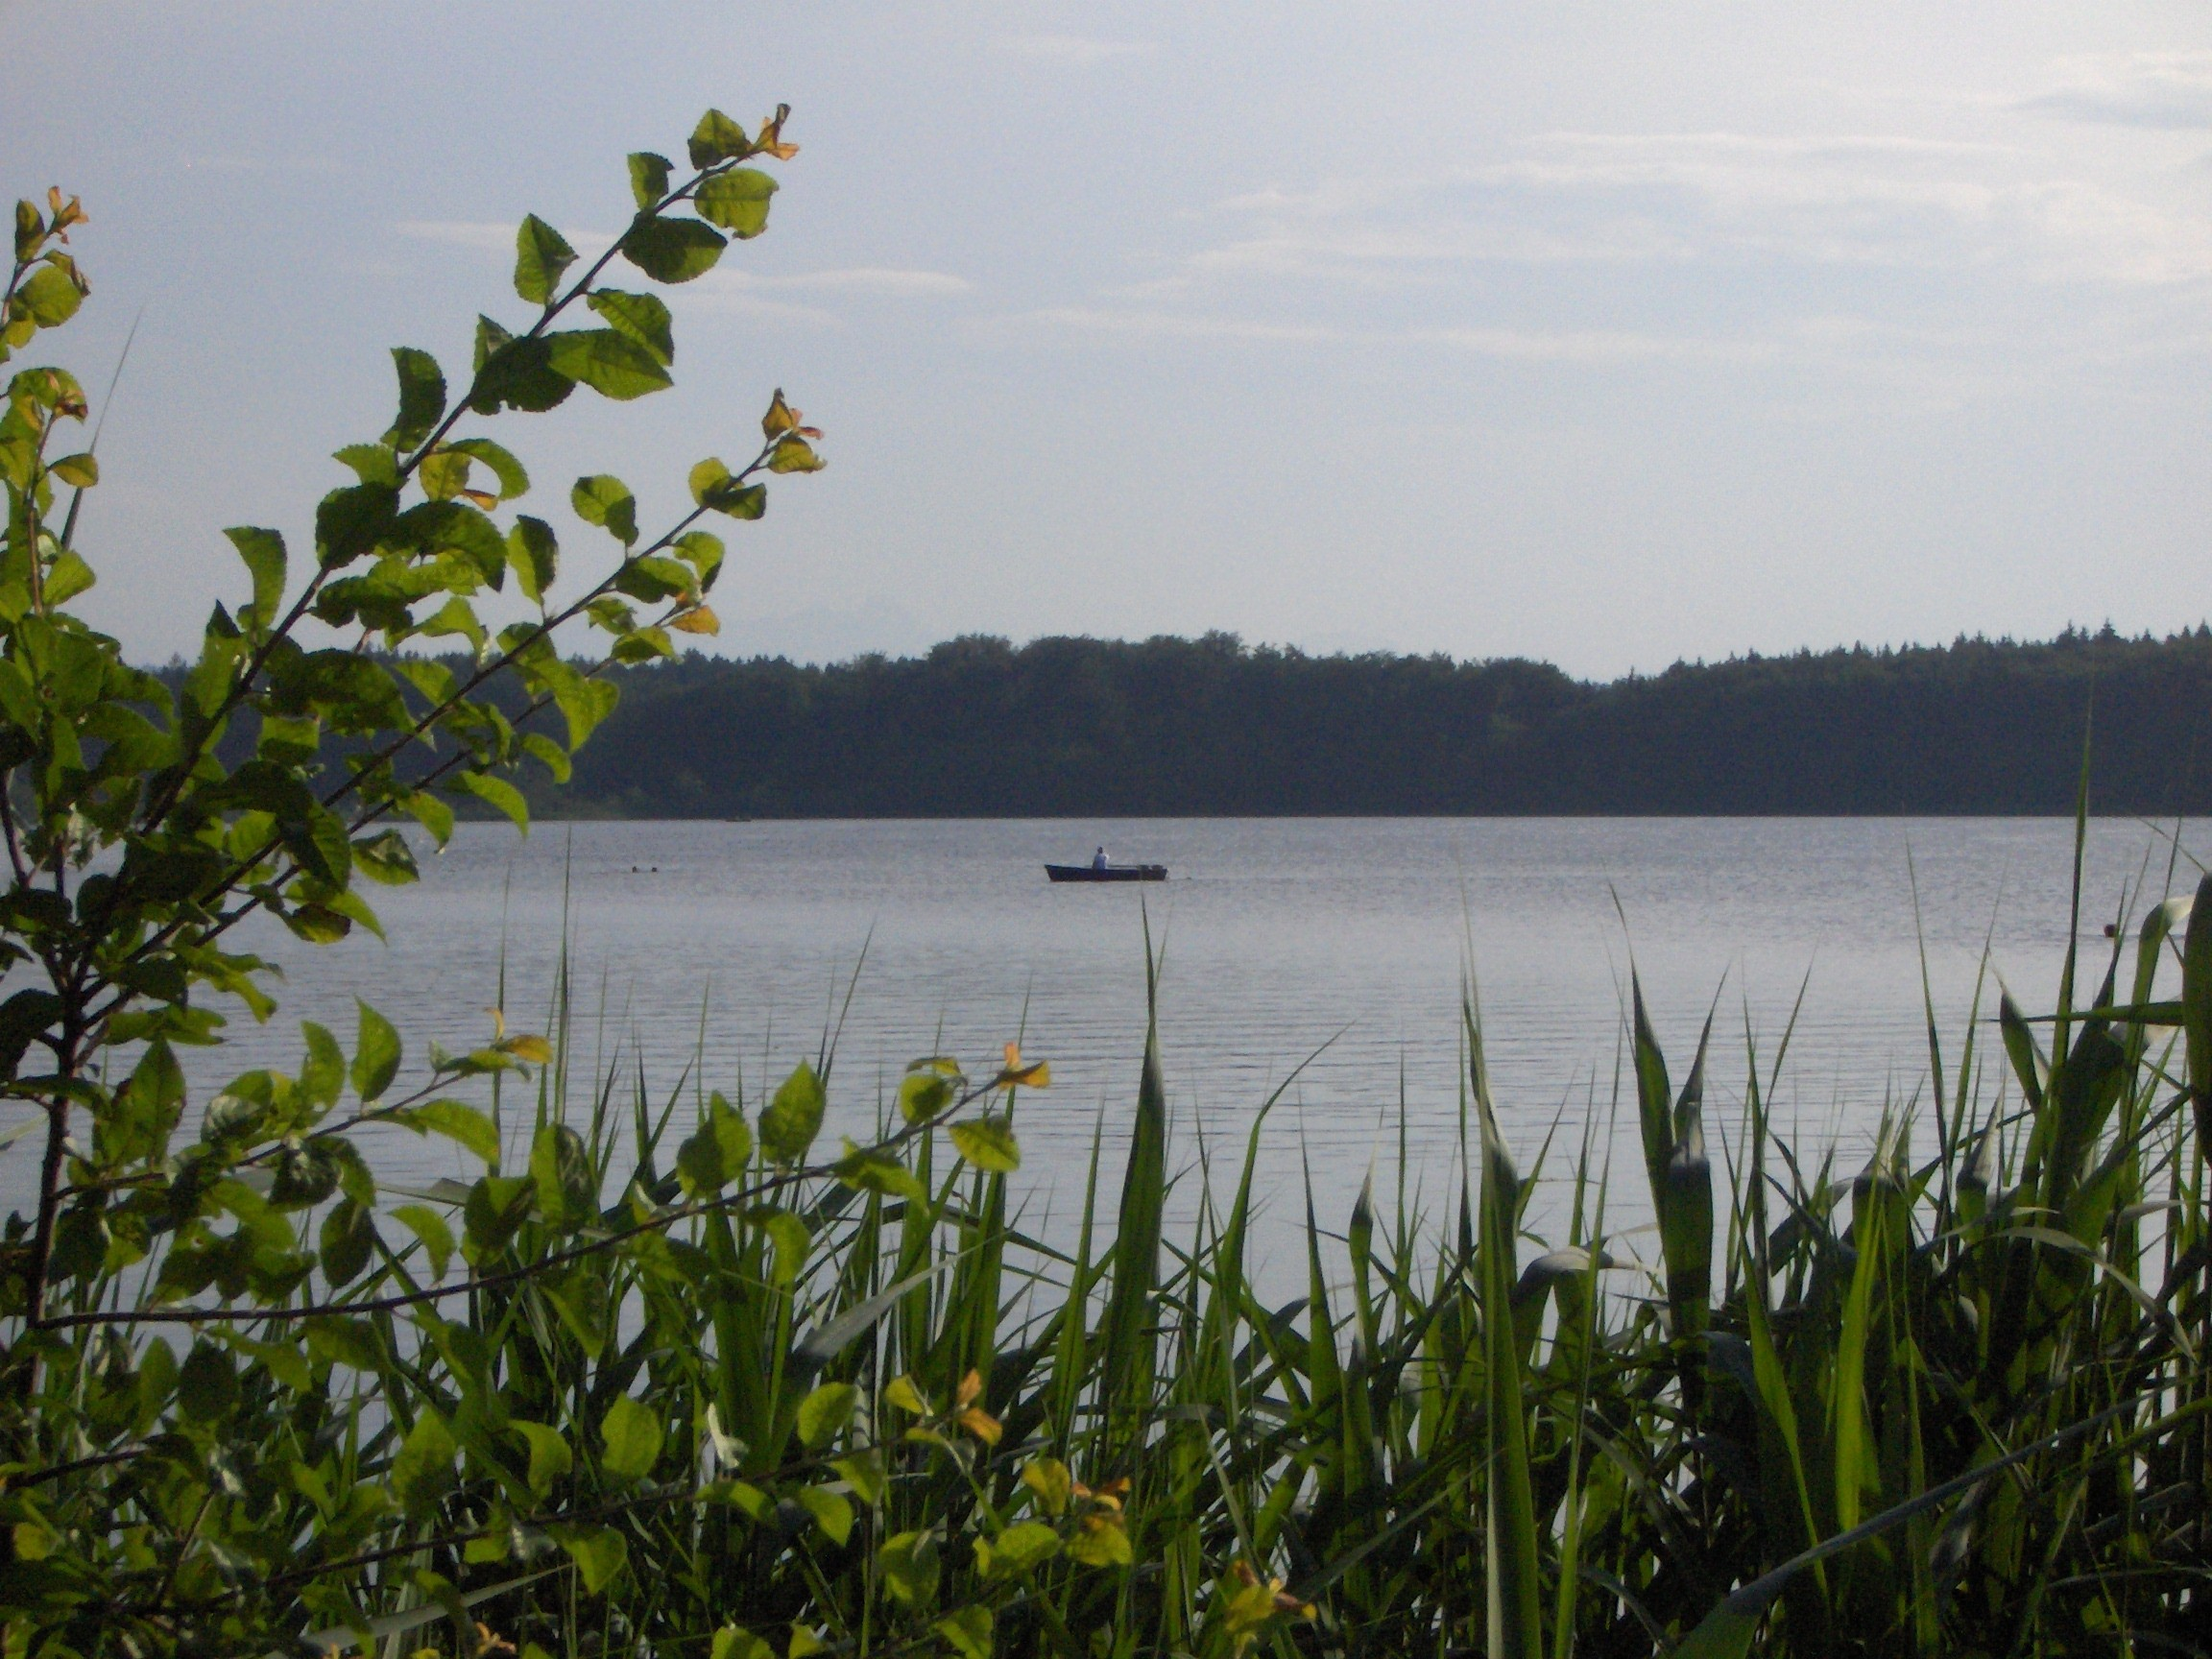 Schöner Seeblick am Hartsee.